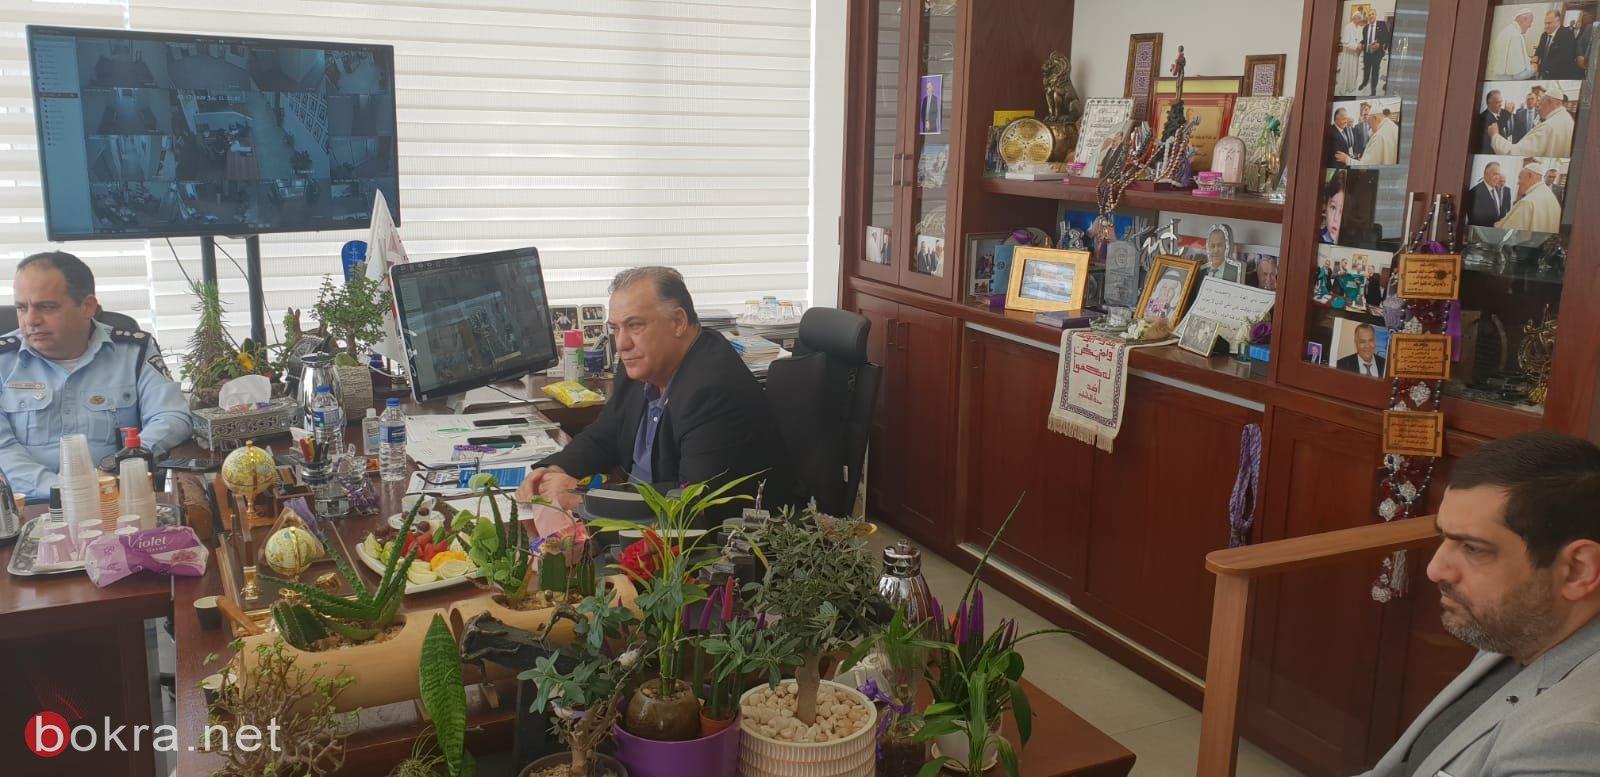 جلسة عمل مع قيادة الشرطة وقائد الجبهة الداخلية في بلدية الناصرة-0